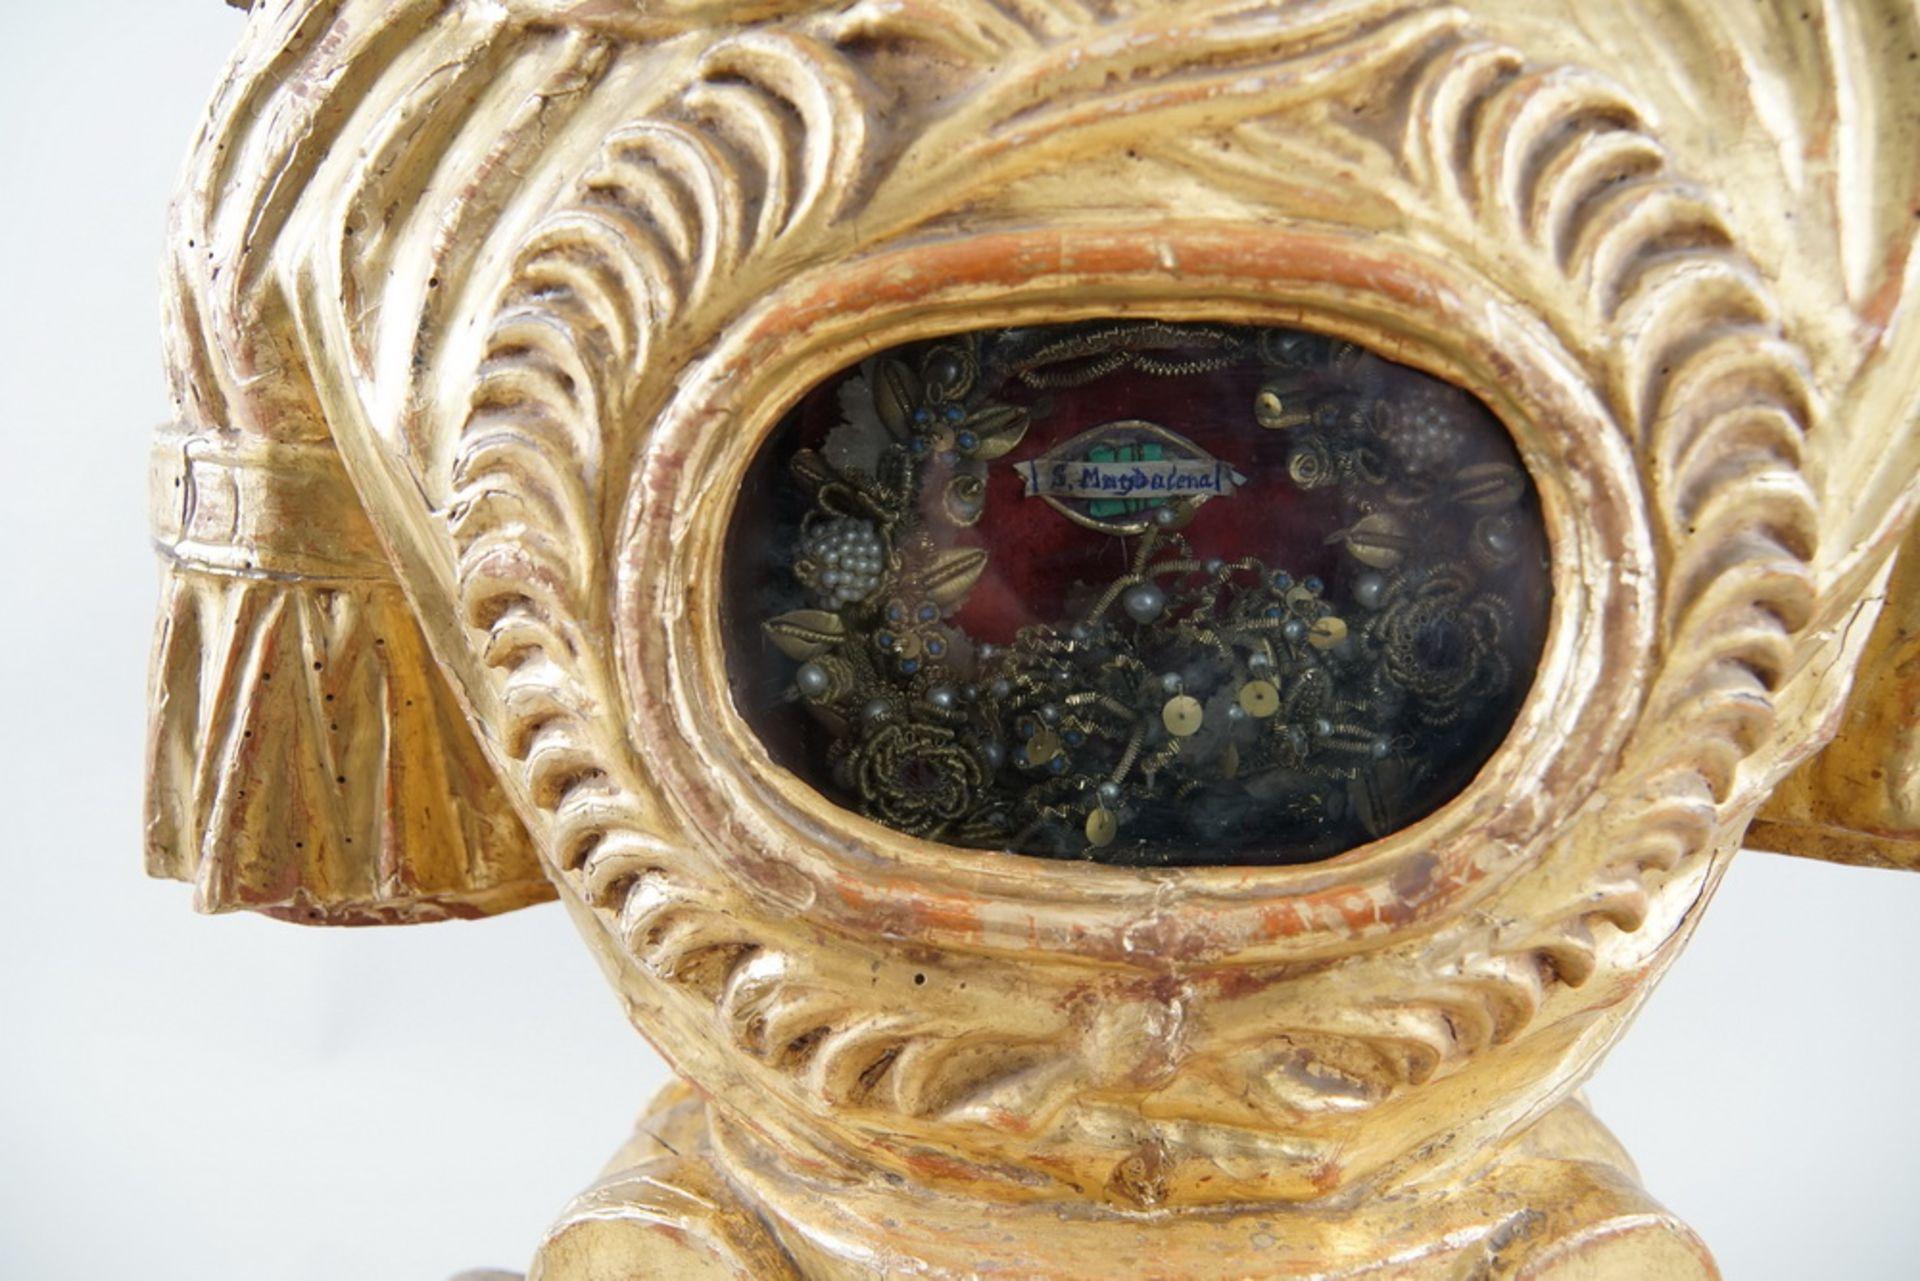 Prunkvolle Reliquienskulptur, Büste auf prächtigem Sockel, Holz geschnitzt, gefasst und - Bild 5 aus 9